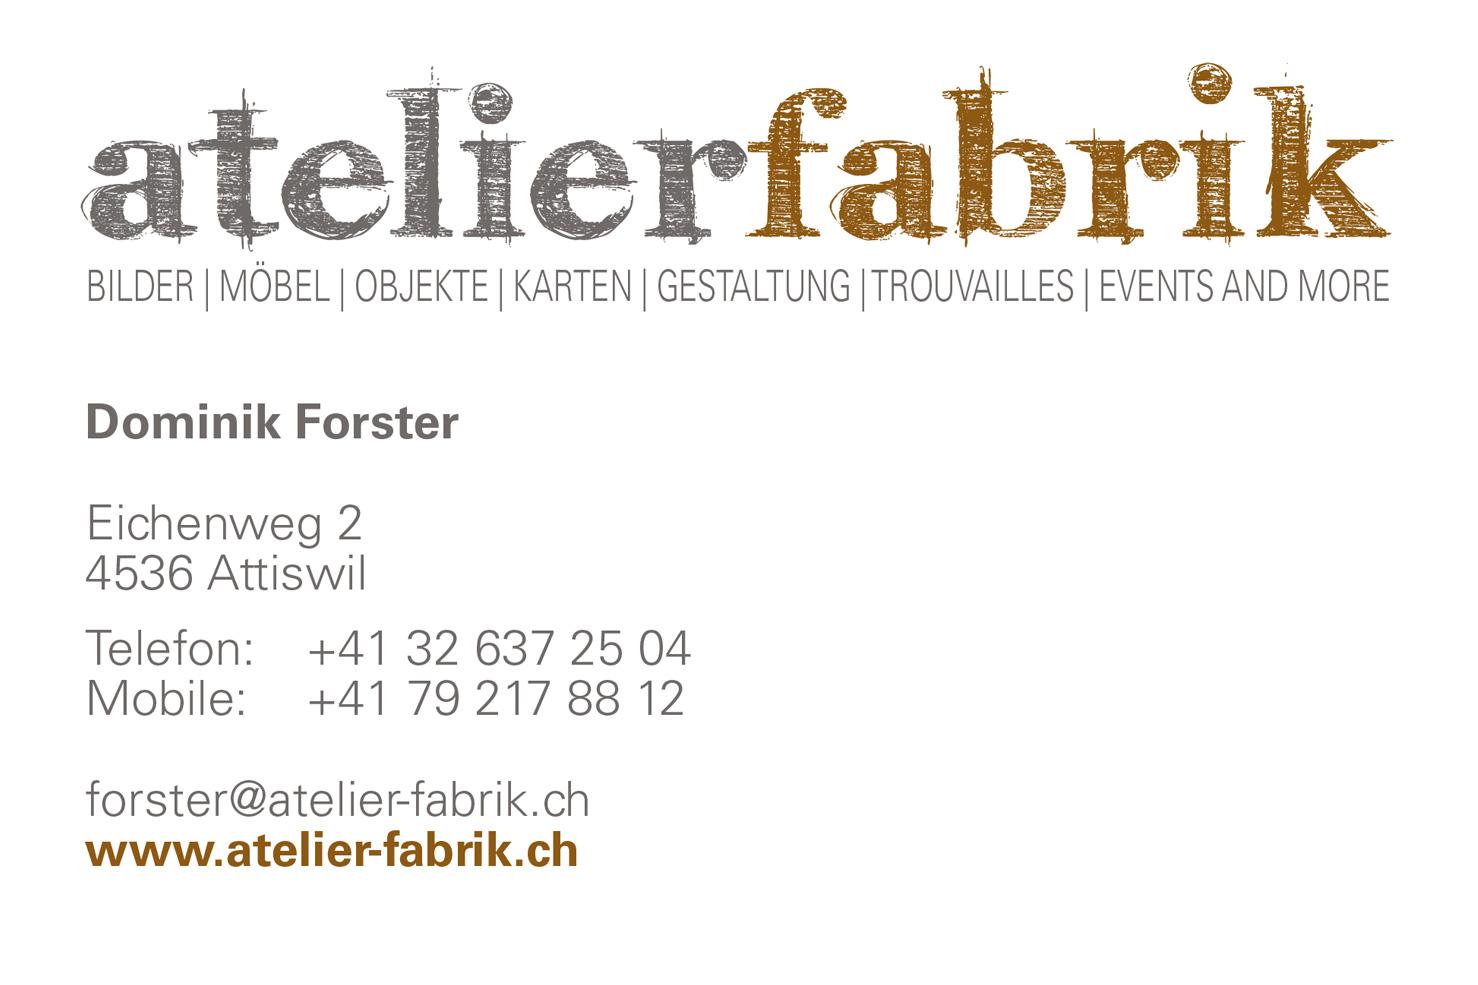 Bild 2 vom Atelierfabrik Logoentwicklung